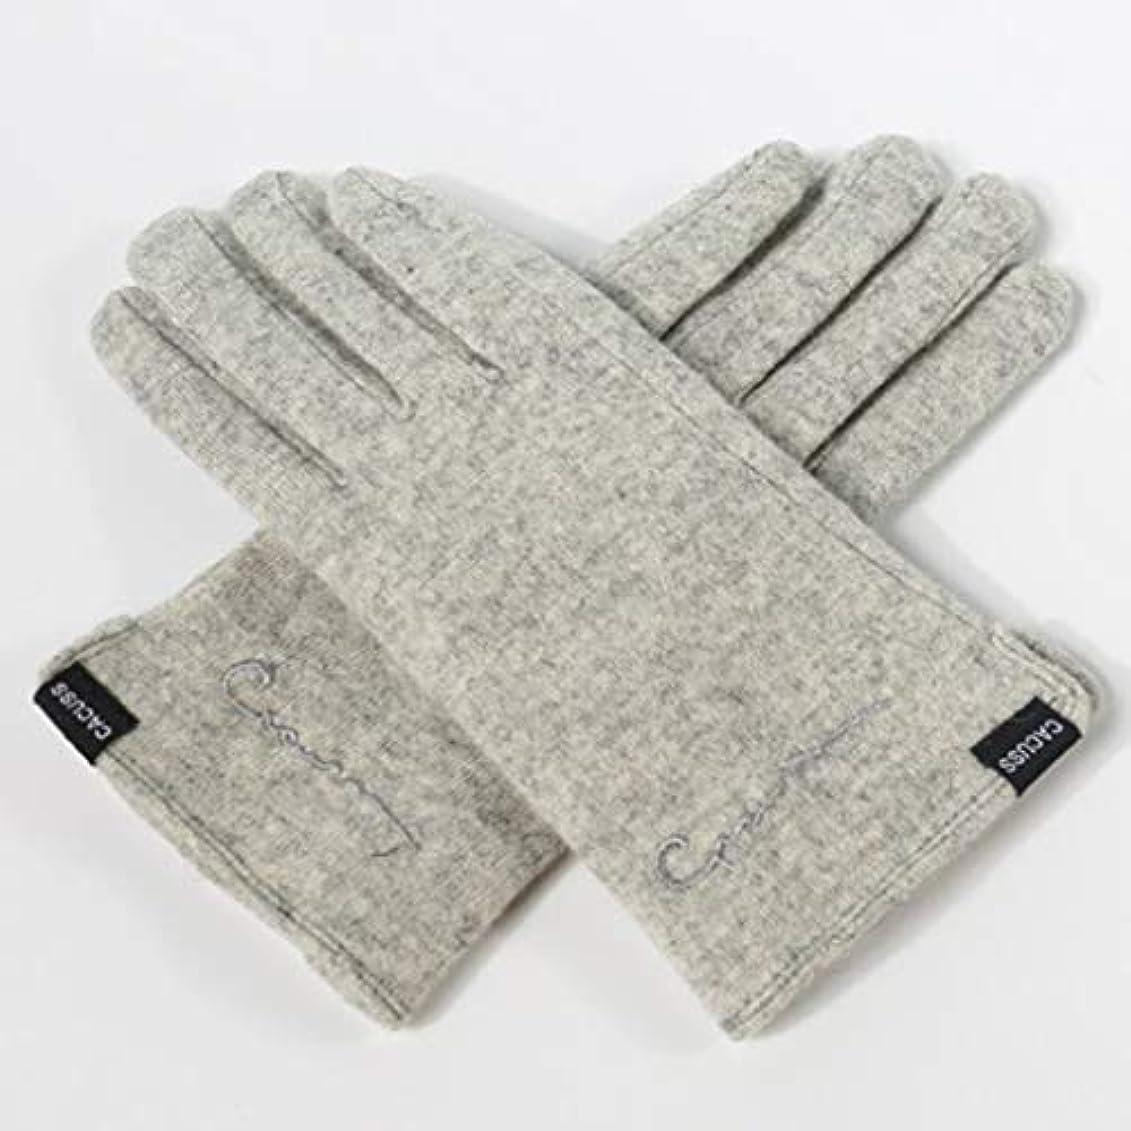 軍艦スキッパー夫手袋女性の冬のタッチスクリーンのファッション暖かく快適なポイントは、乗馬を厚くする (色 : Gray)